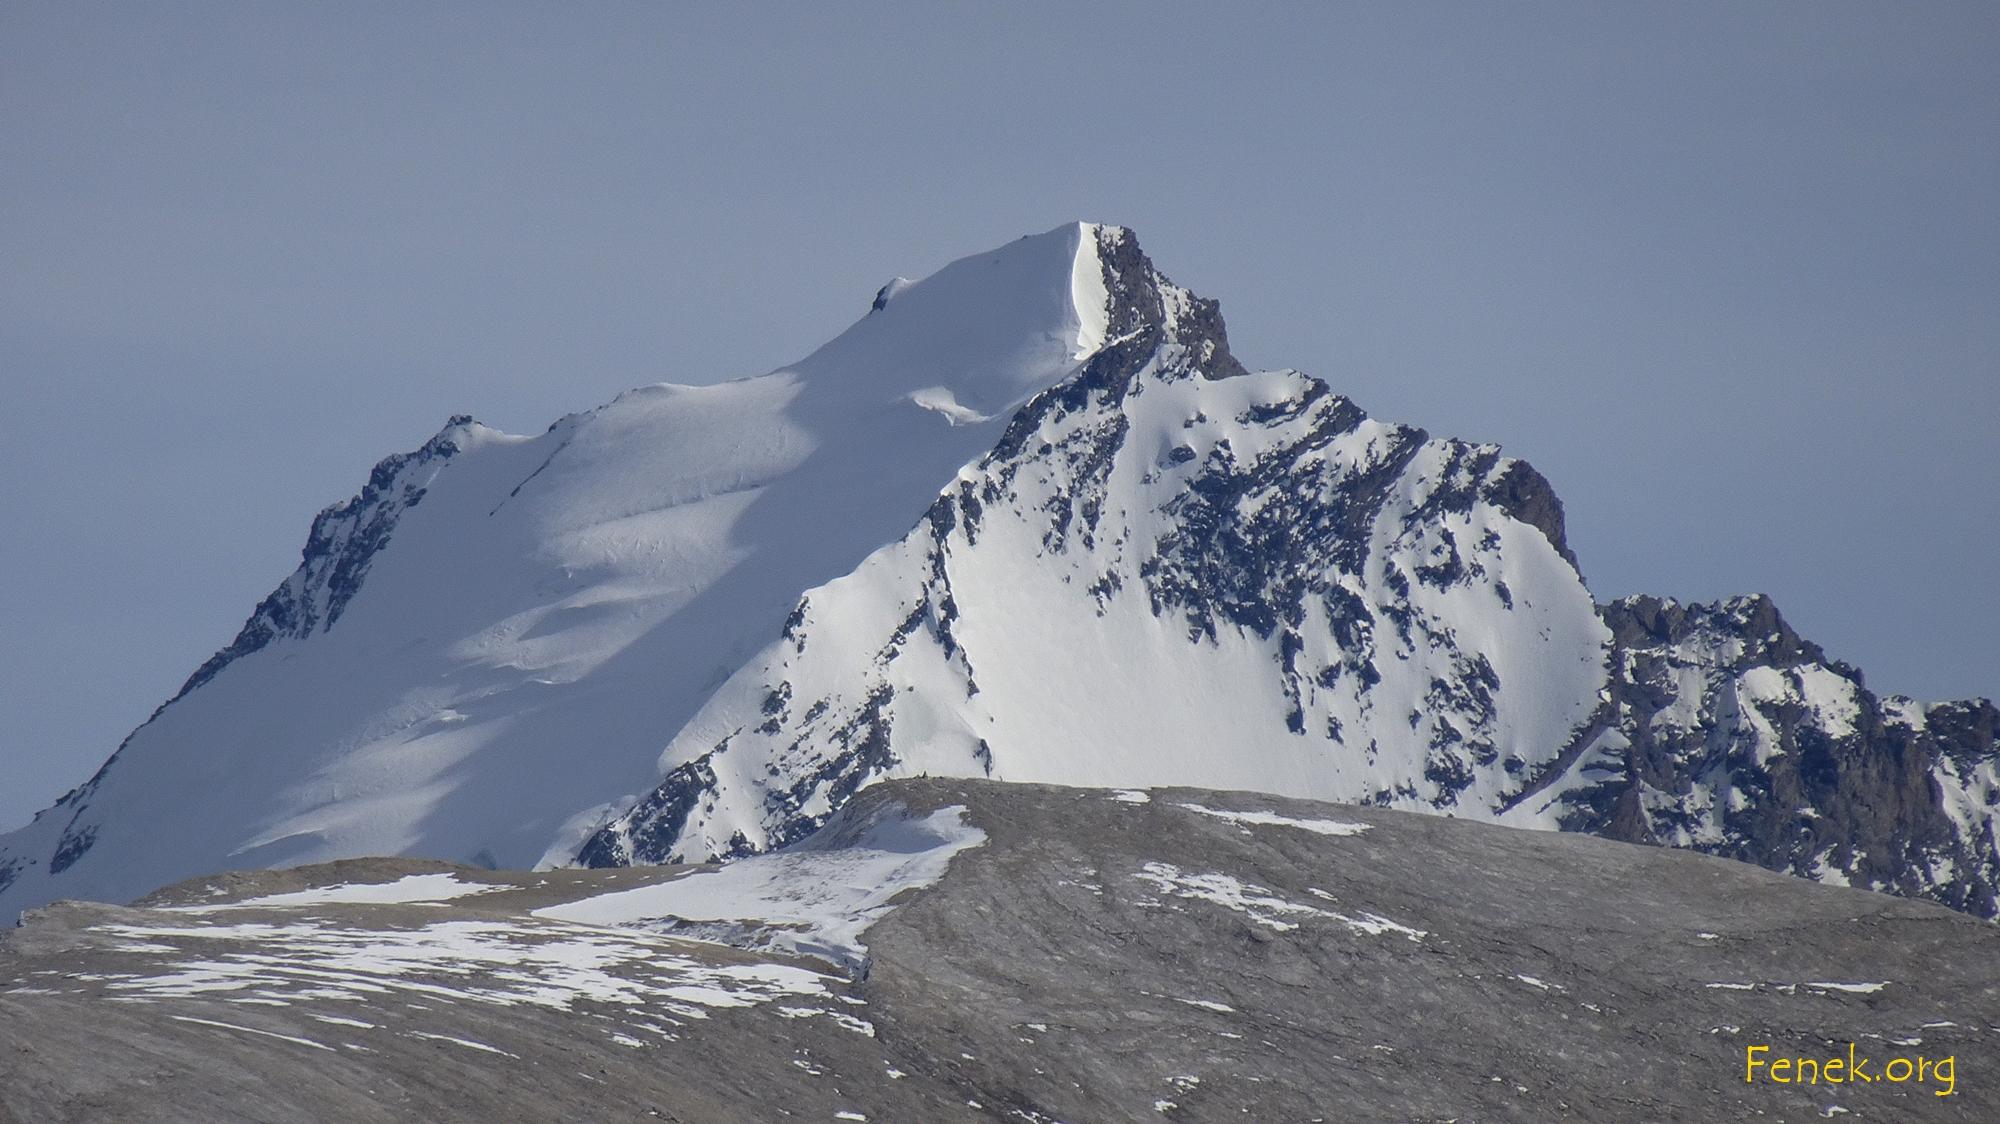 Dom - höchster Berg ganz auf Schweizer Boden